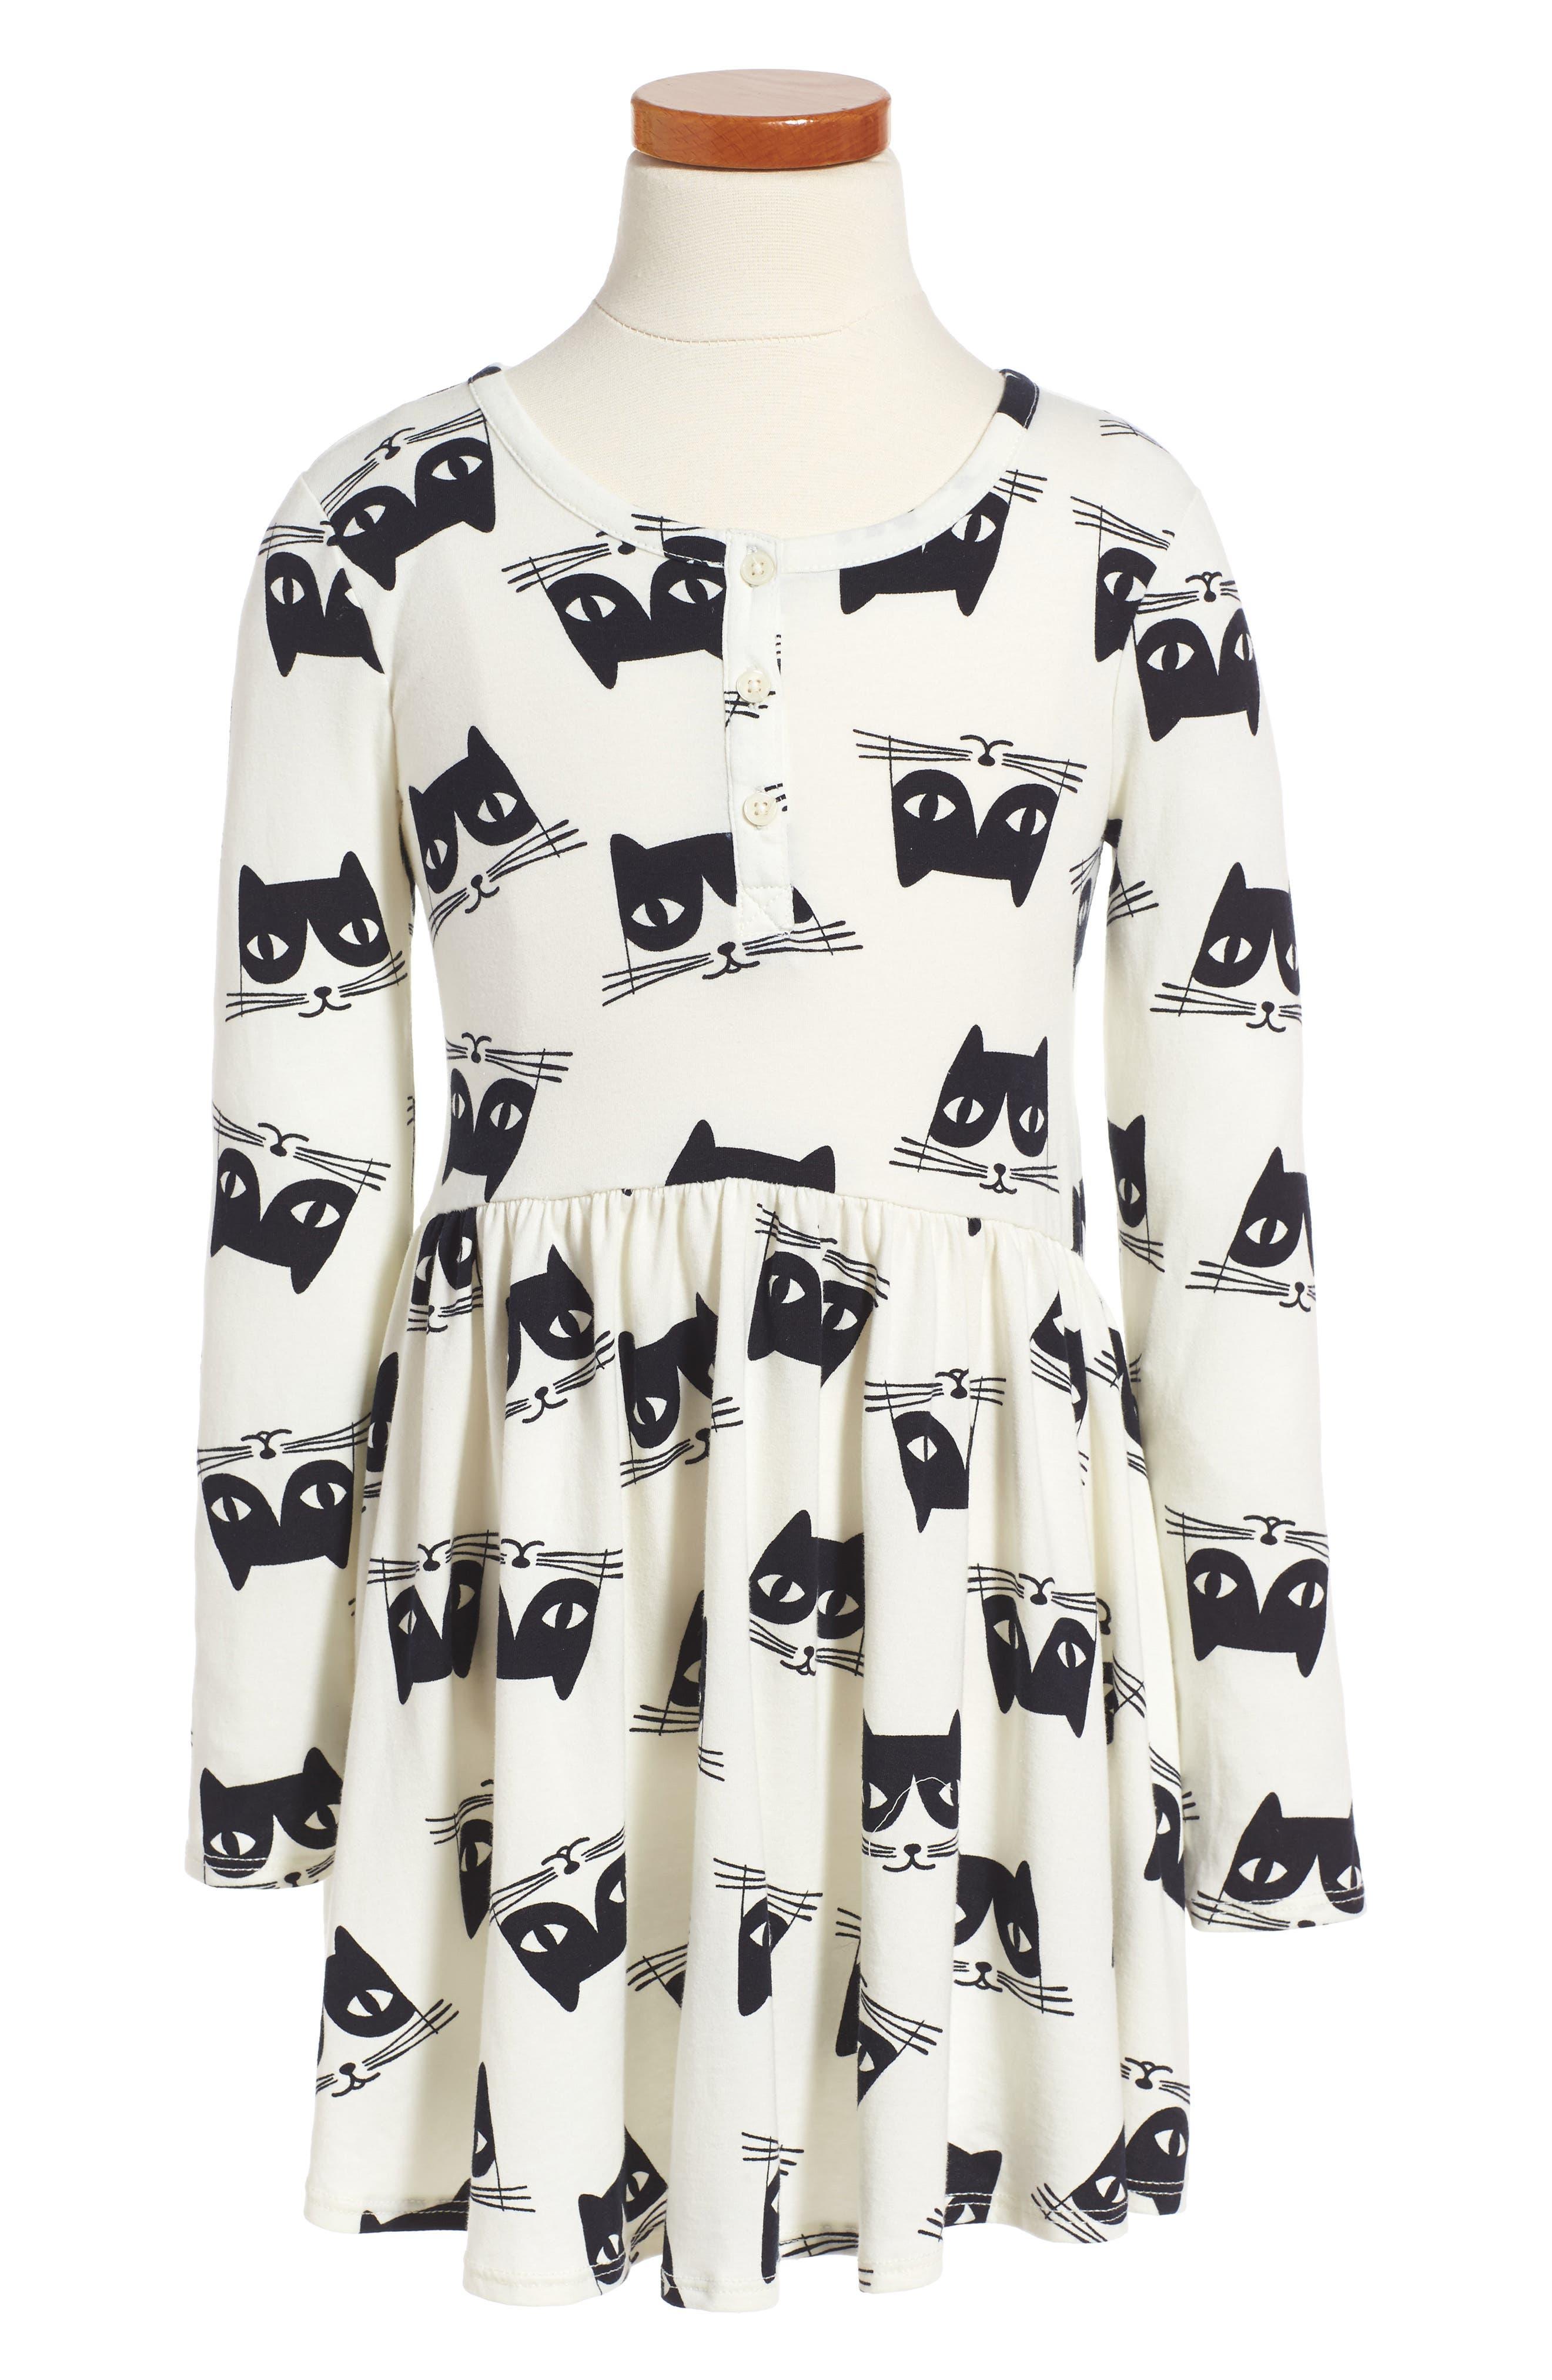 TUCKER + TATE Print Knit Dress